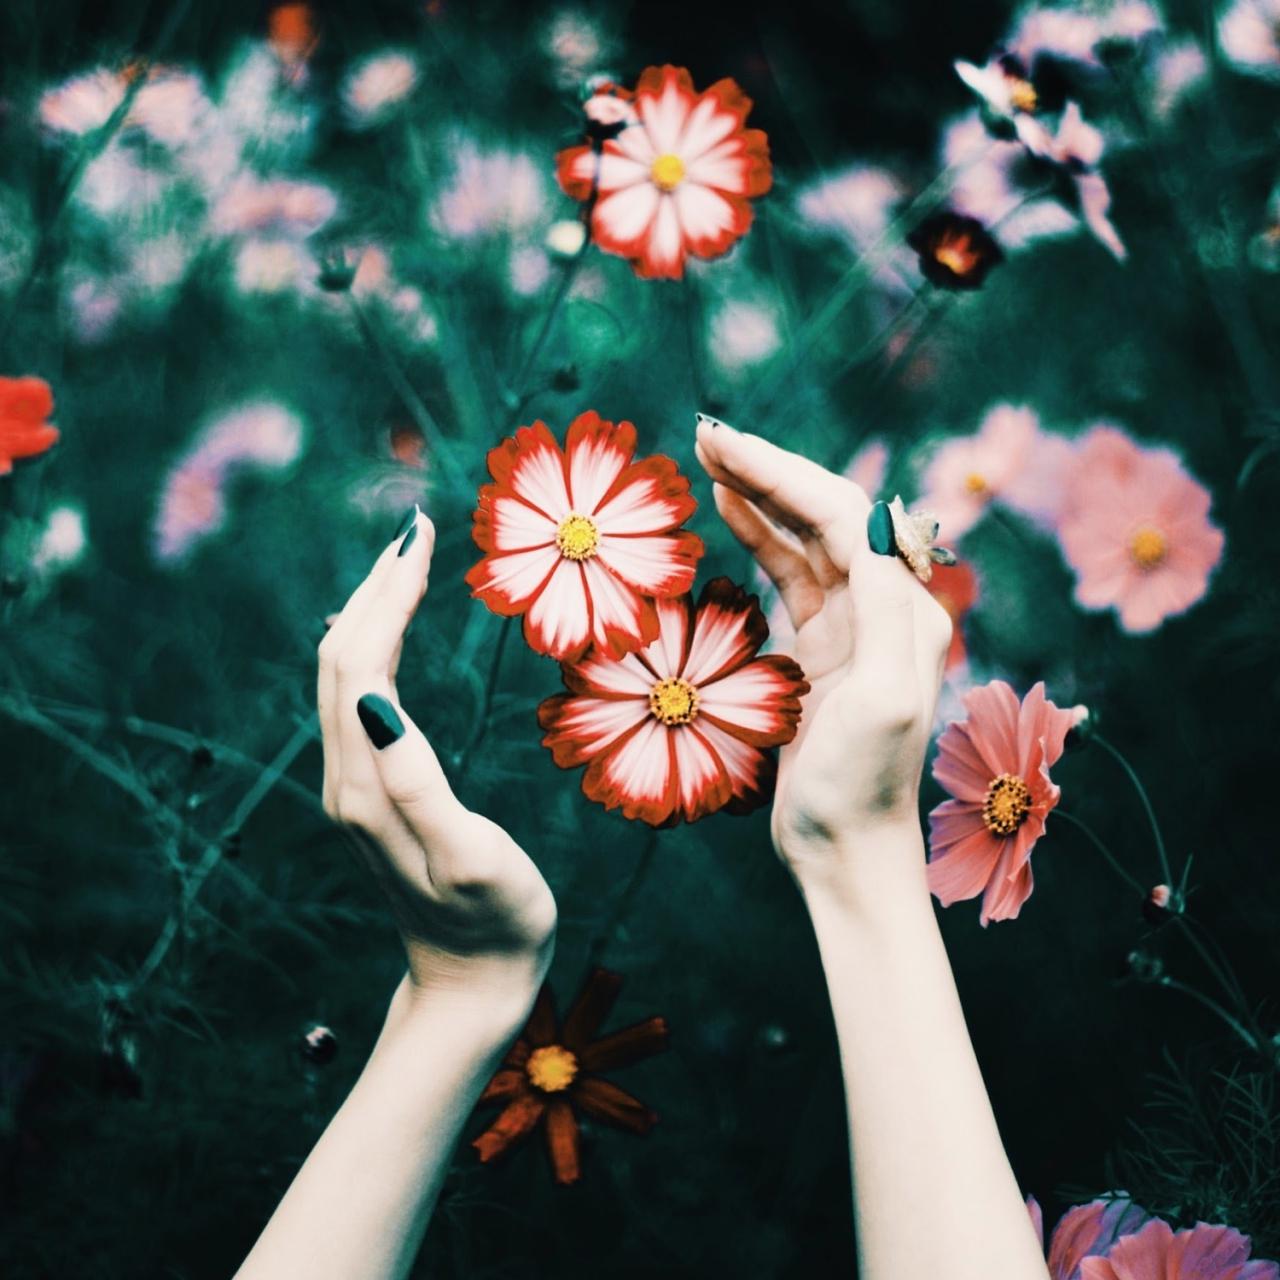 赤い花と手